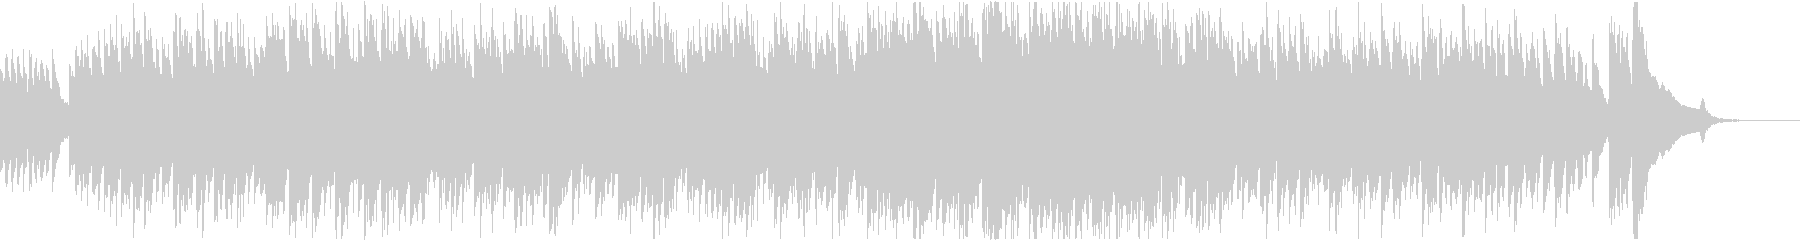 ハープシコードによる爽やかな感じのBGMの未再生の波形